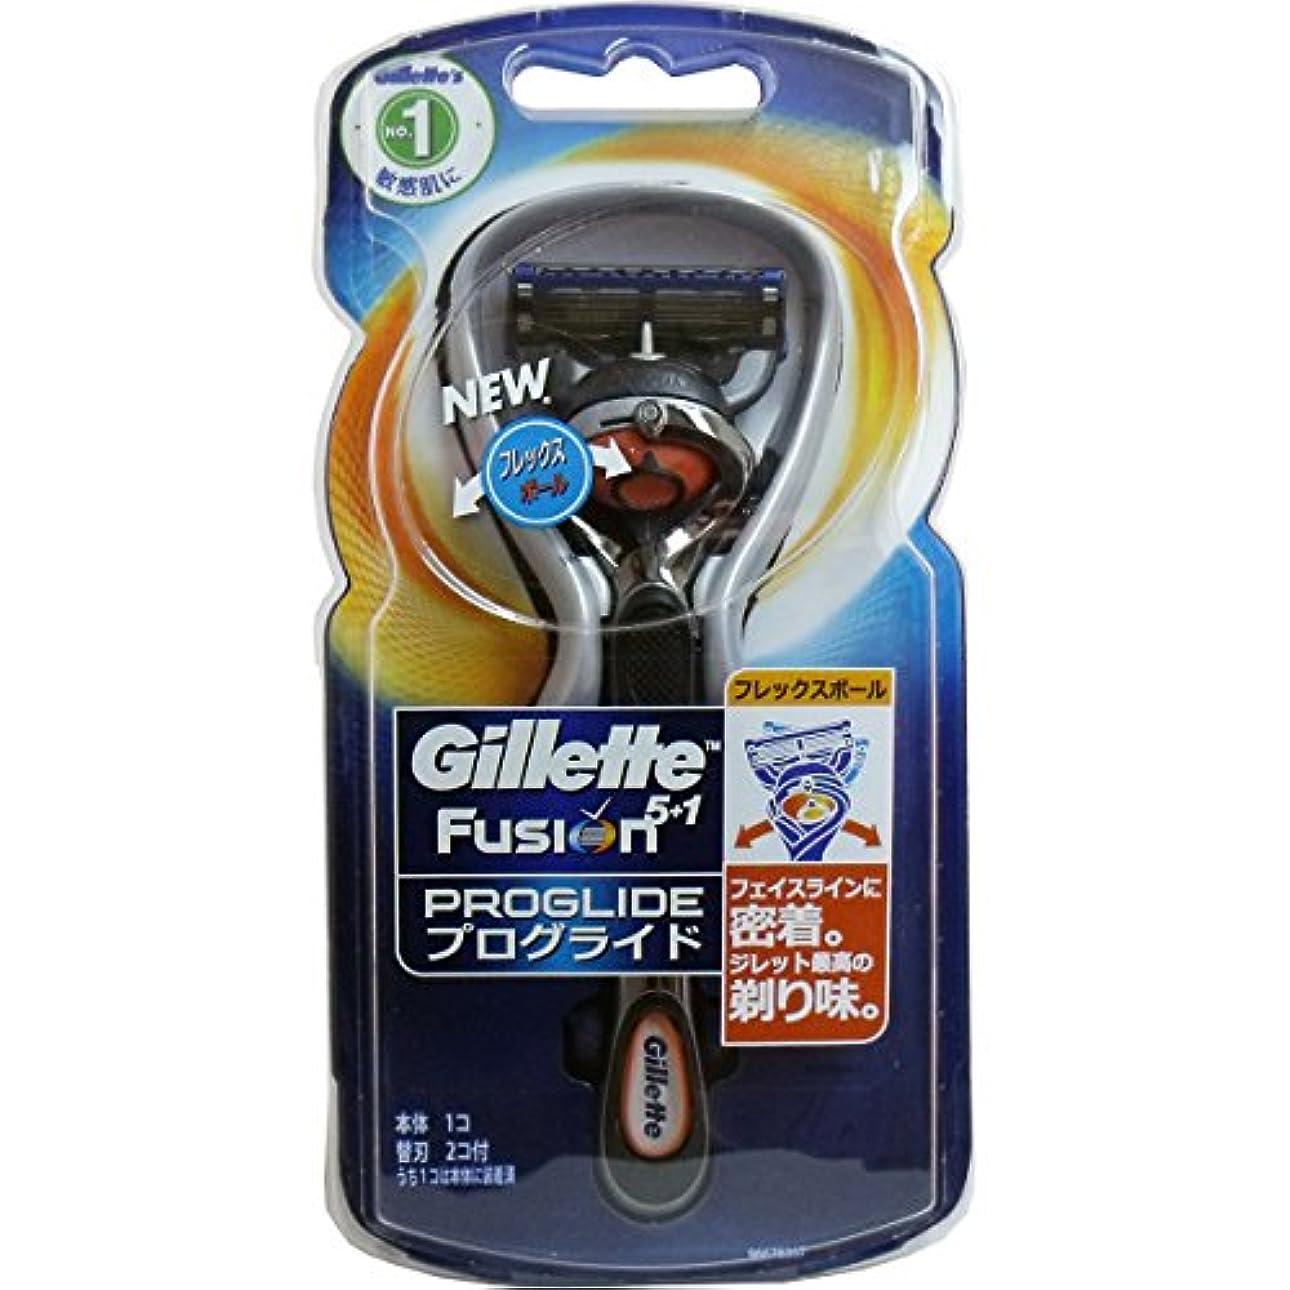 微生物渇き置換【P&G】ジレット プログライド フレックスボール マニュアル ホルダー 替刃2個付 ×5個セット